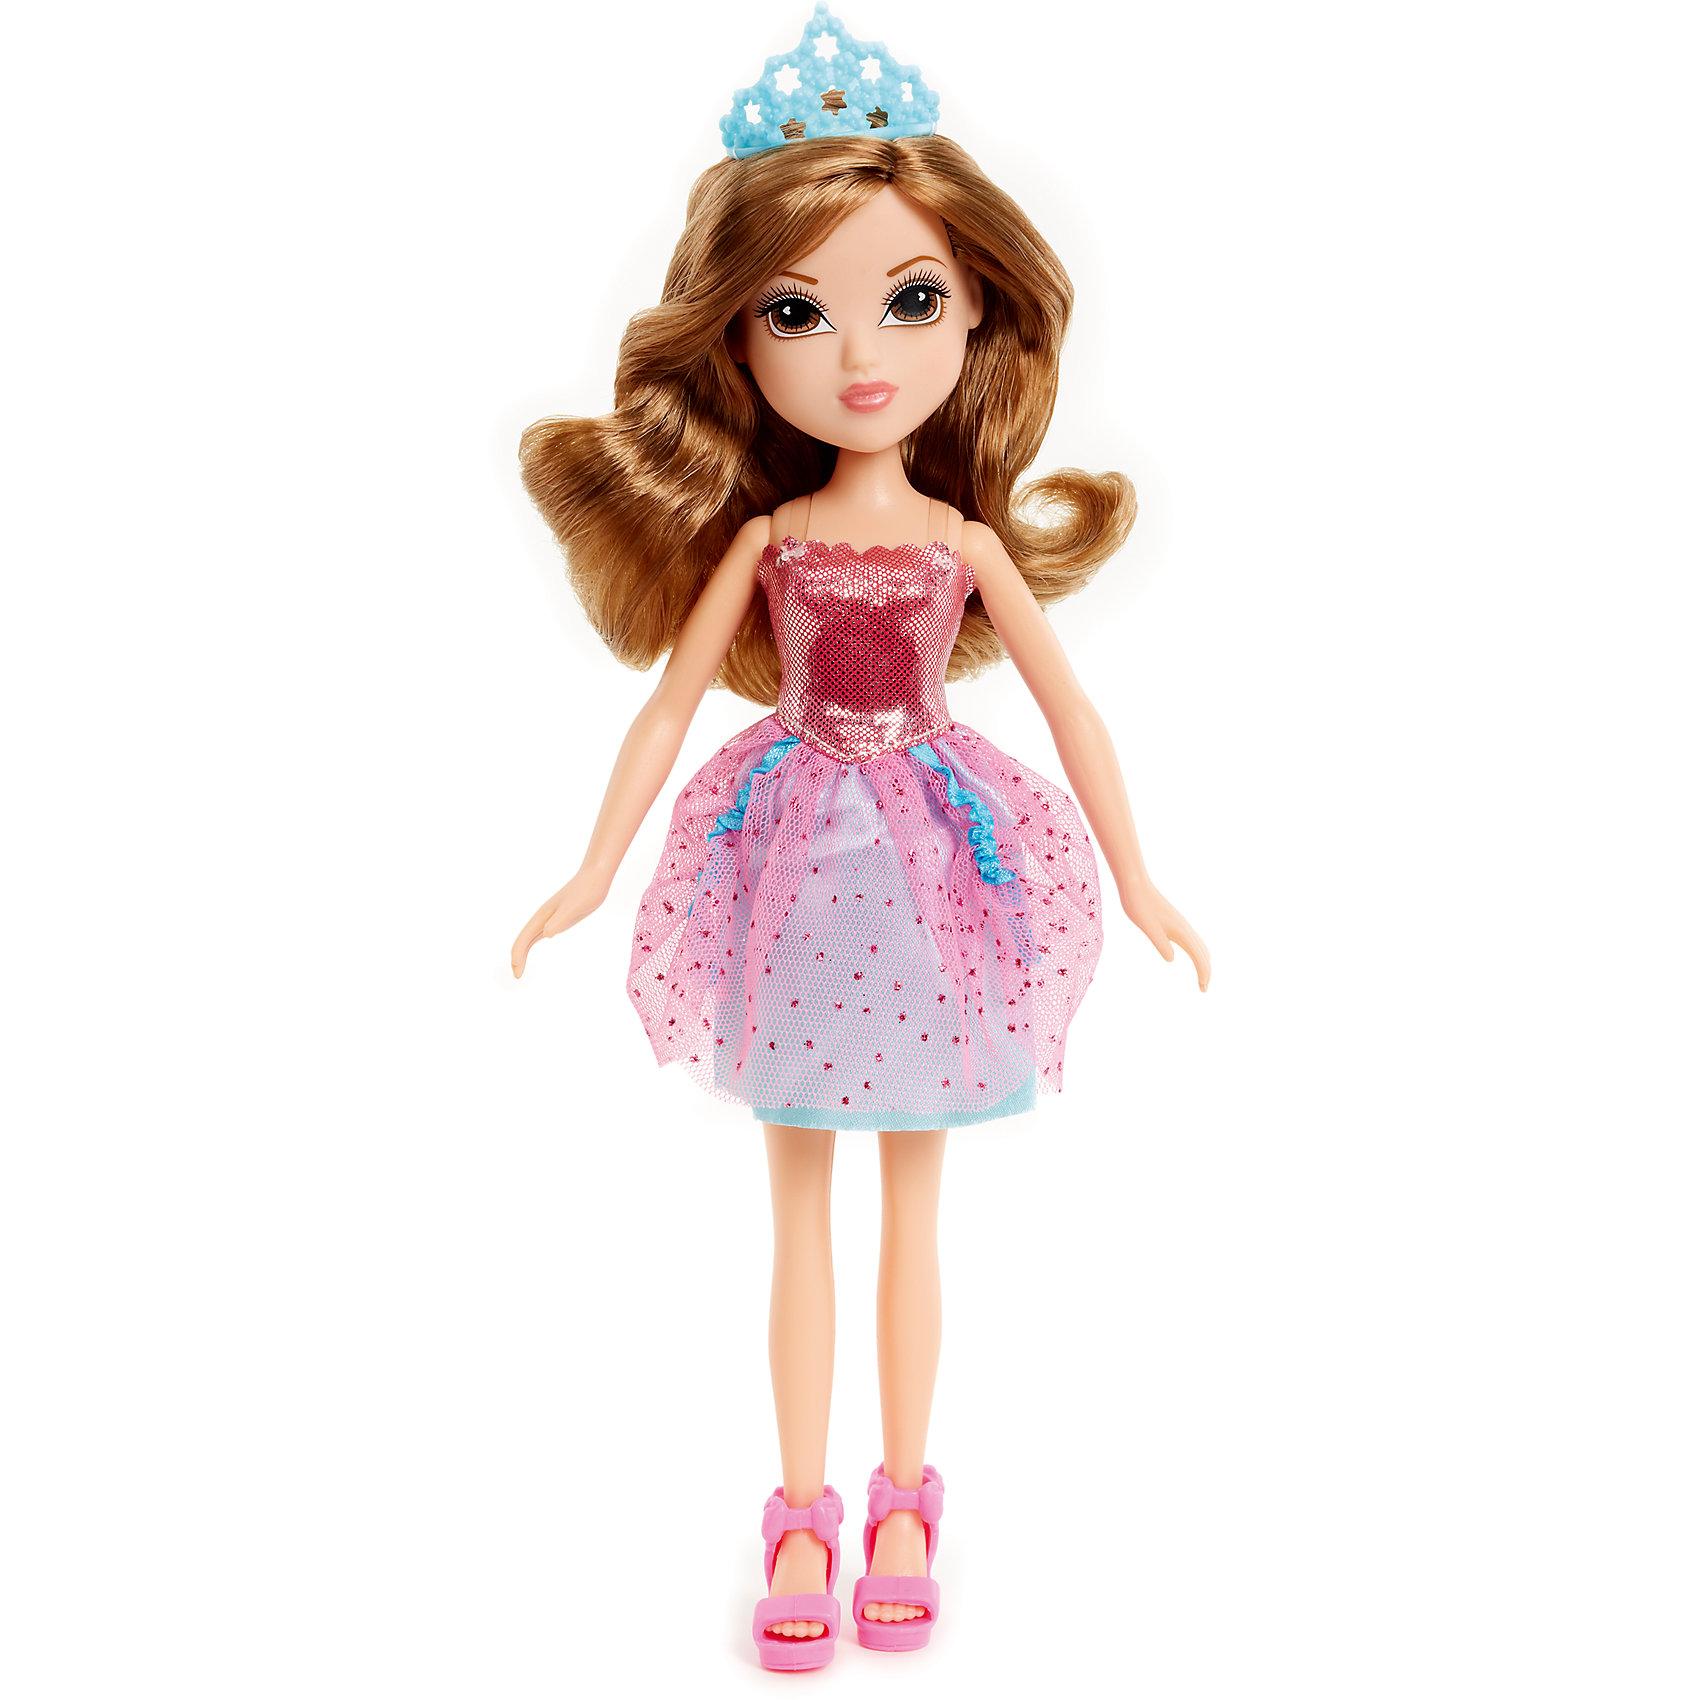 Принцесса в розовом платье, MoxieБренды кукол<br>Кукла Мокси - настоящая принцесса: на голове у неё тиара, она одета в милое розовое платьице с воздушной юбкой и розовые босоножки на высокой платформе. Её длинные каштановые волосы очень приятно расчесывать, создавая самые невероятные и красивые прически. <br><br>Дополнительная информация:<br><br>- Материал: пластик, текстиль.<br>- Высота: 23 см.<br>- Комплектация: кукла, одежда, обувь, тиара.<br>- Голова, руки, ноги куклы подвижные.<br><br>Принцесса в розовом платье, Moxie, можно купить в нашем магазине.<br><br>Ширина мм: 140<br>Глубина мм: 290<br>Высота мм: 60<br>Вес г: 188<br>Возраст от месяцев: 36<br>Возраст до месяцев: 120<br>Пол: Женский<br>Возраст: Детский<br>SKU: 4278420